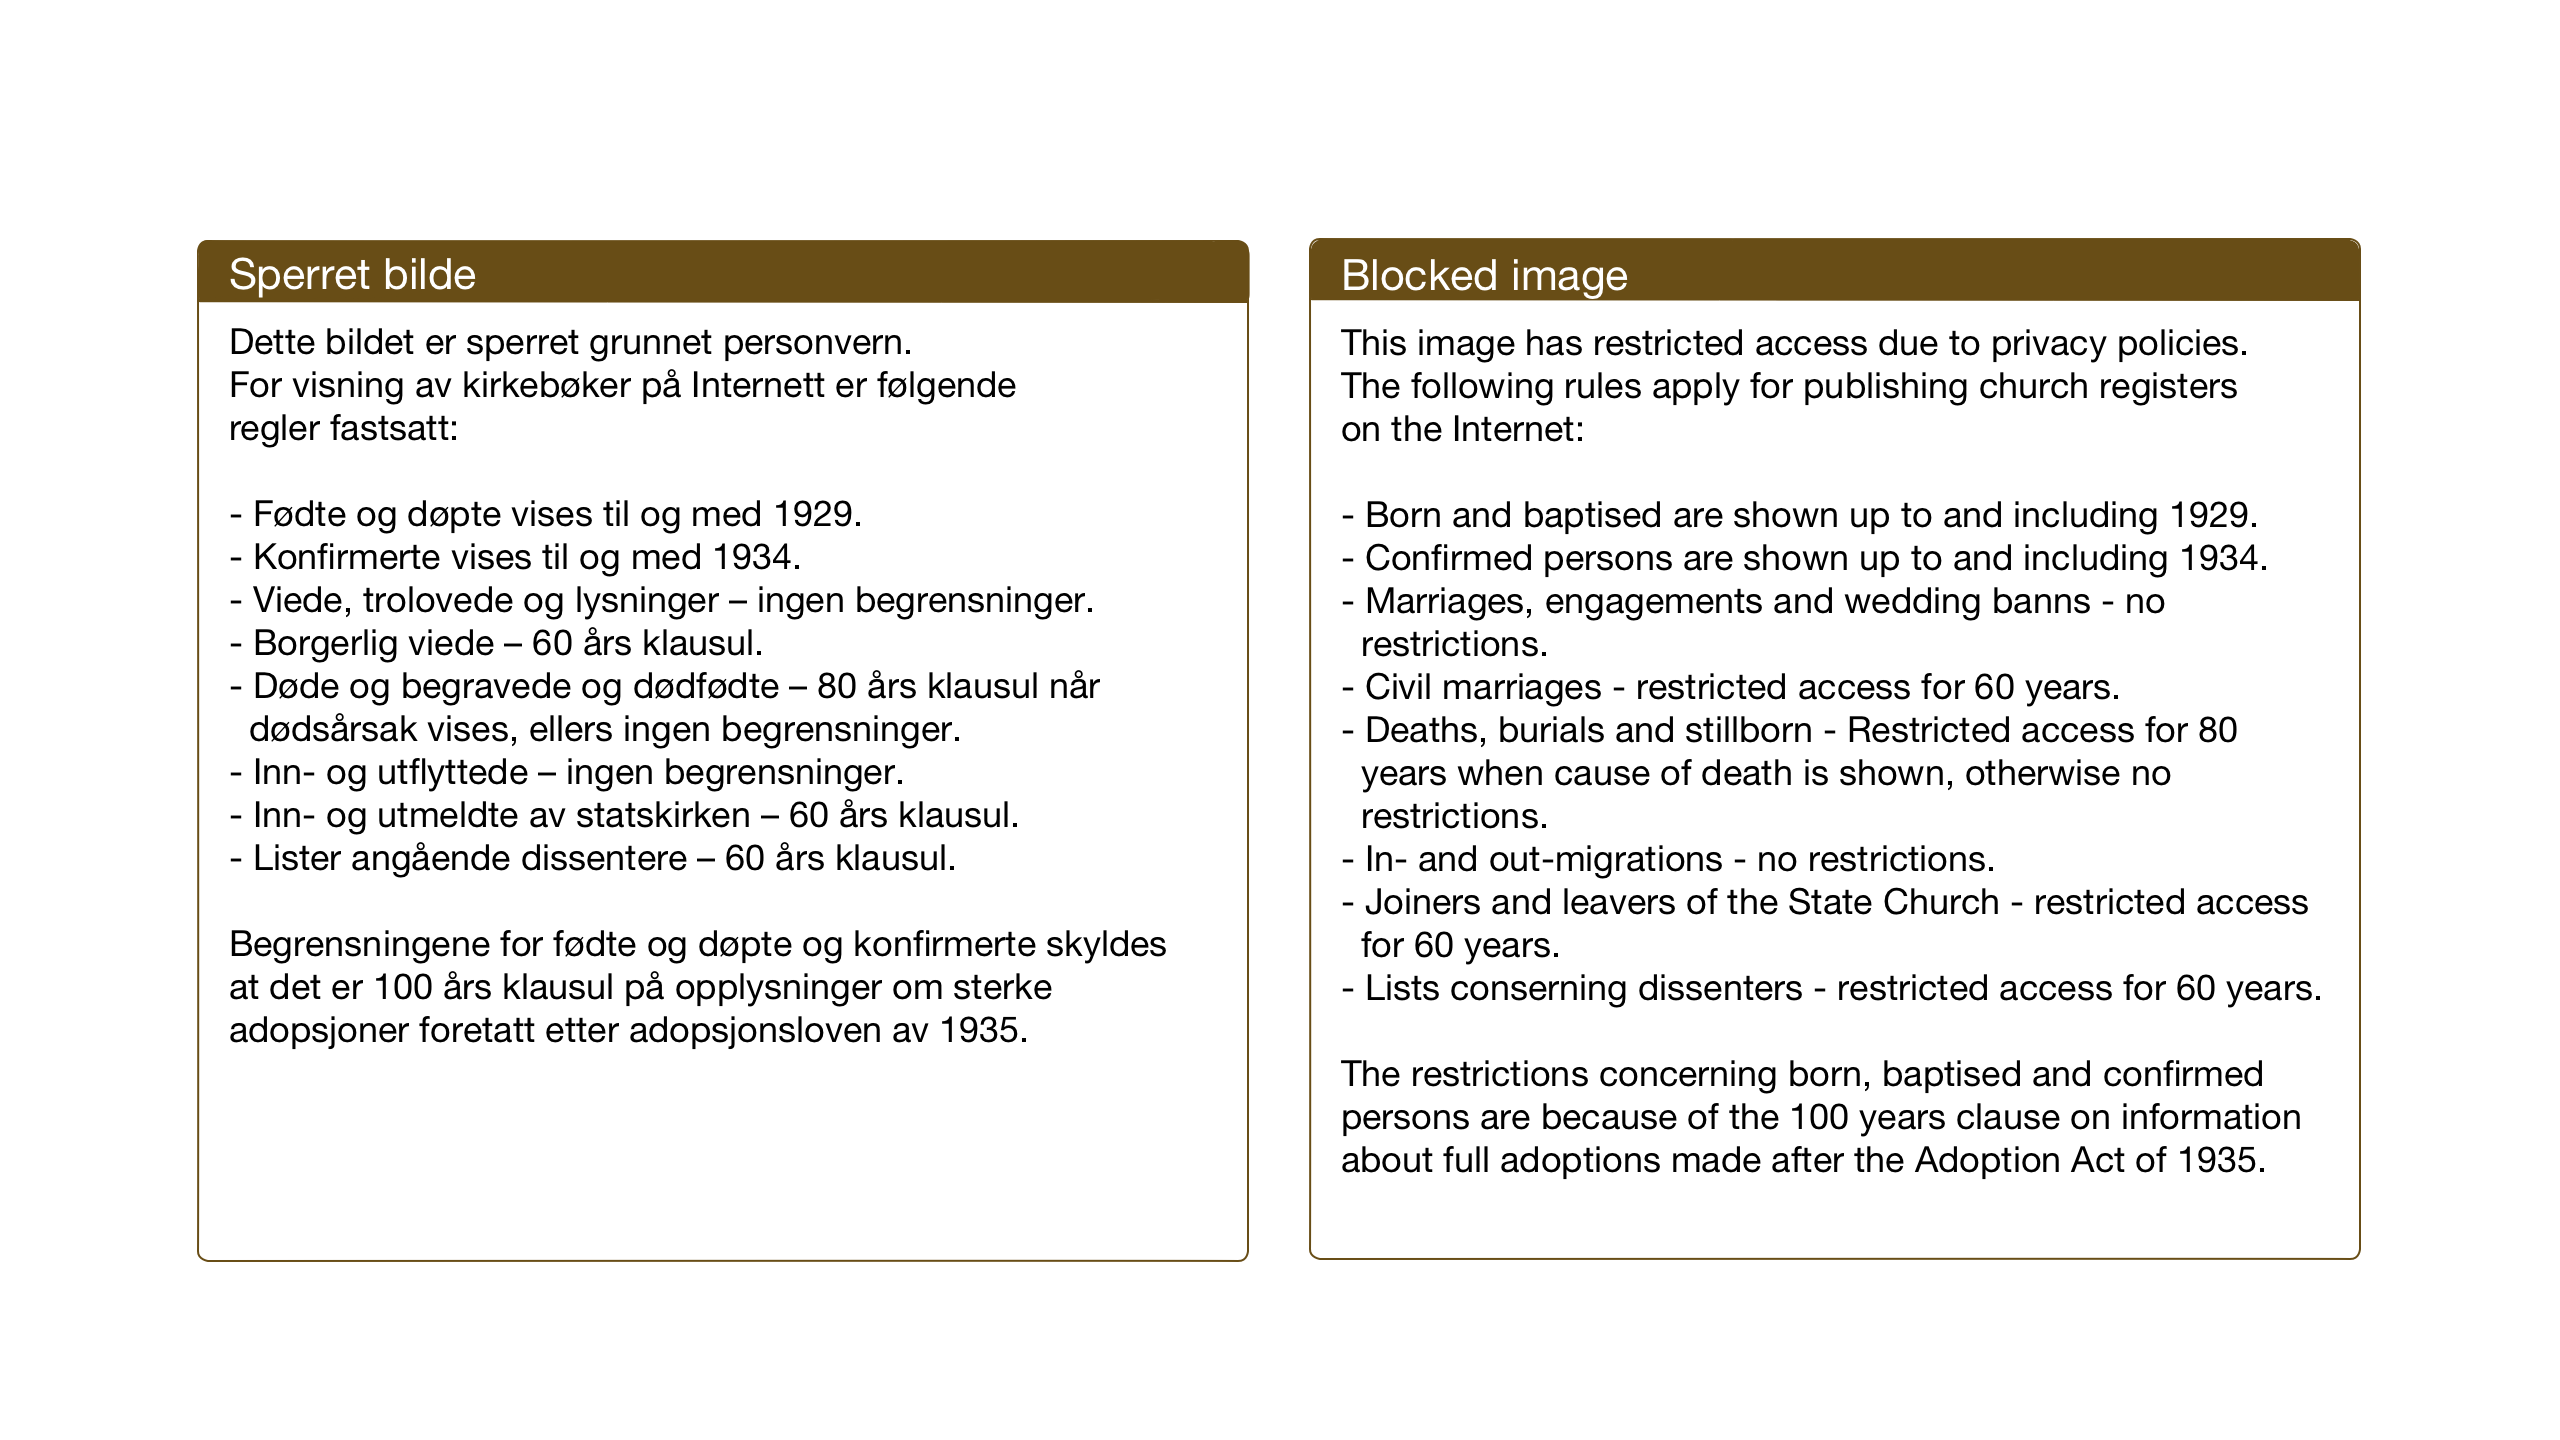 SAT, Ministerialprotokoller, klokkerbøker og fødselsregistre - Sør-Trøndelag, 674/L0878: Klokkerbok nr. 674C05, 1941-1950, s. 86